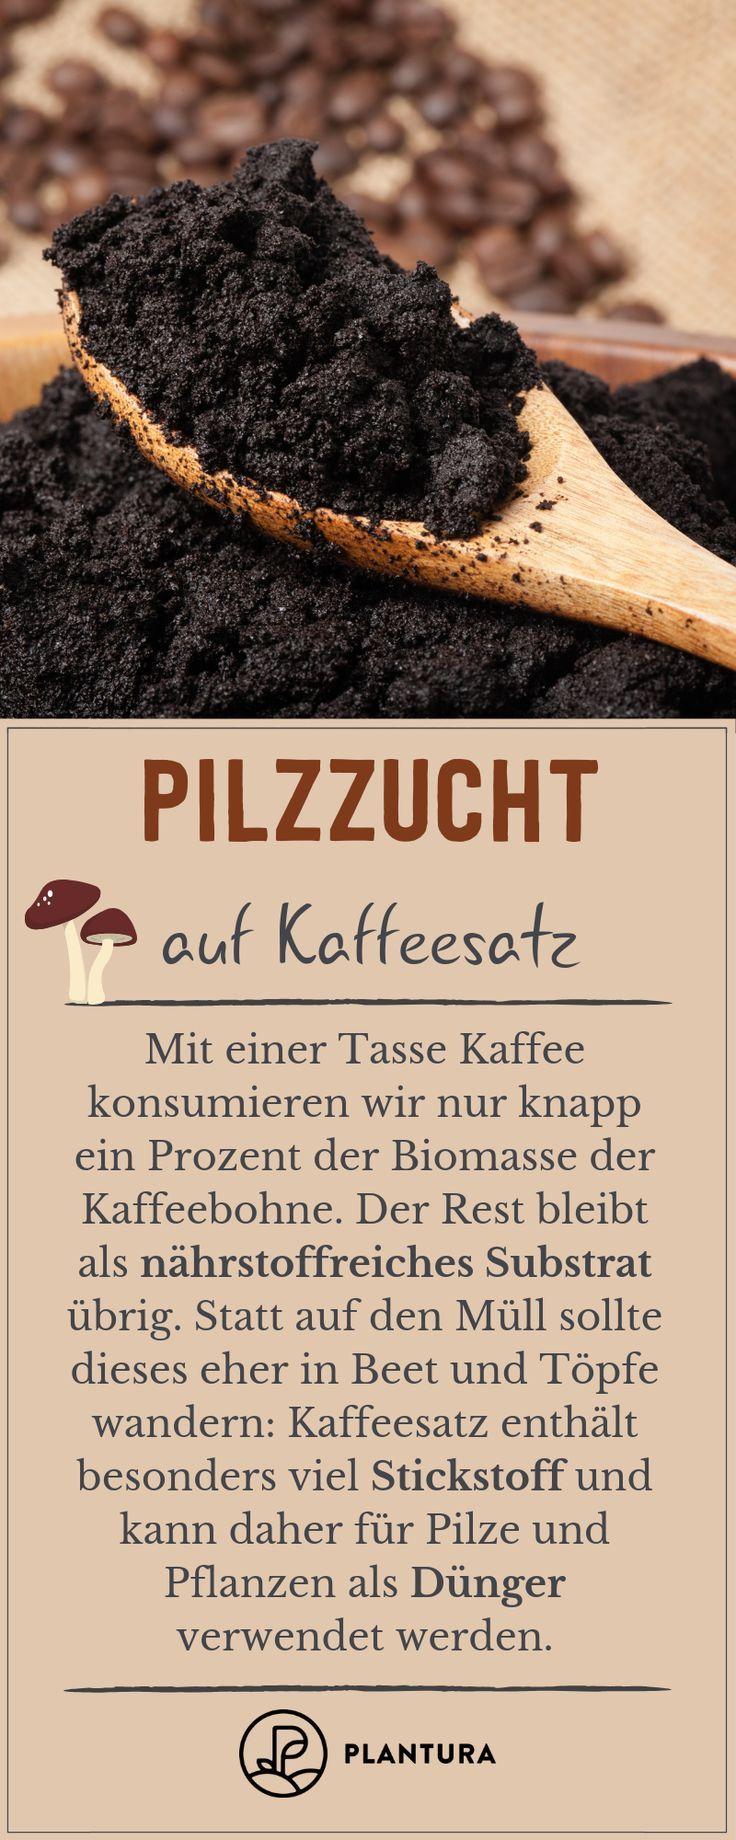 Pilzzucht auf Kaffeesatz: Speisepilze aus der eigenen Küche - Plantura